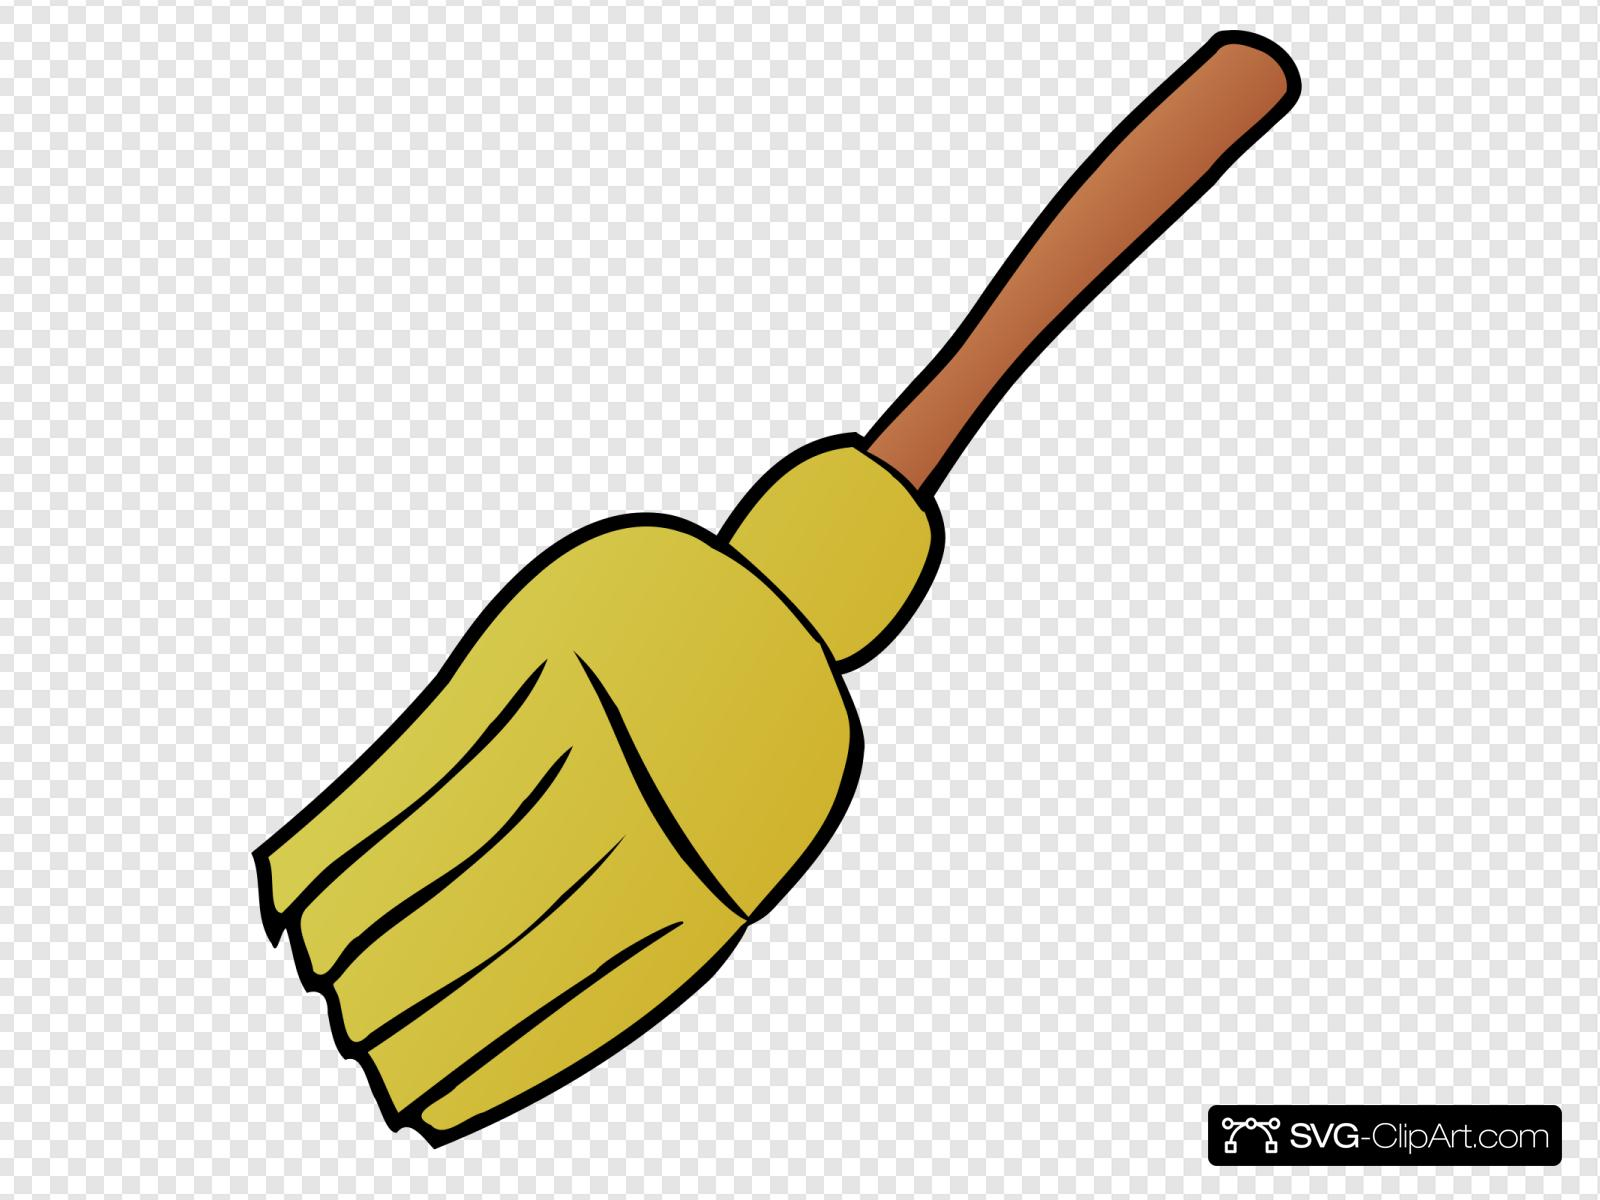 Broom Svg Vector Broom Clip Art Svg Clipart